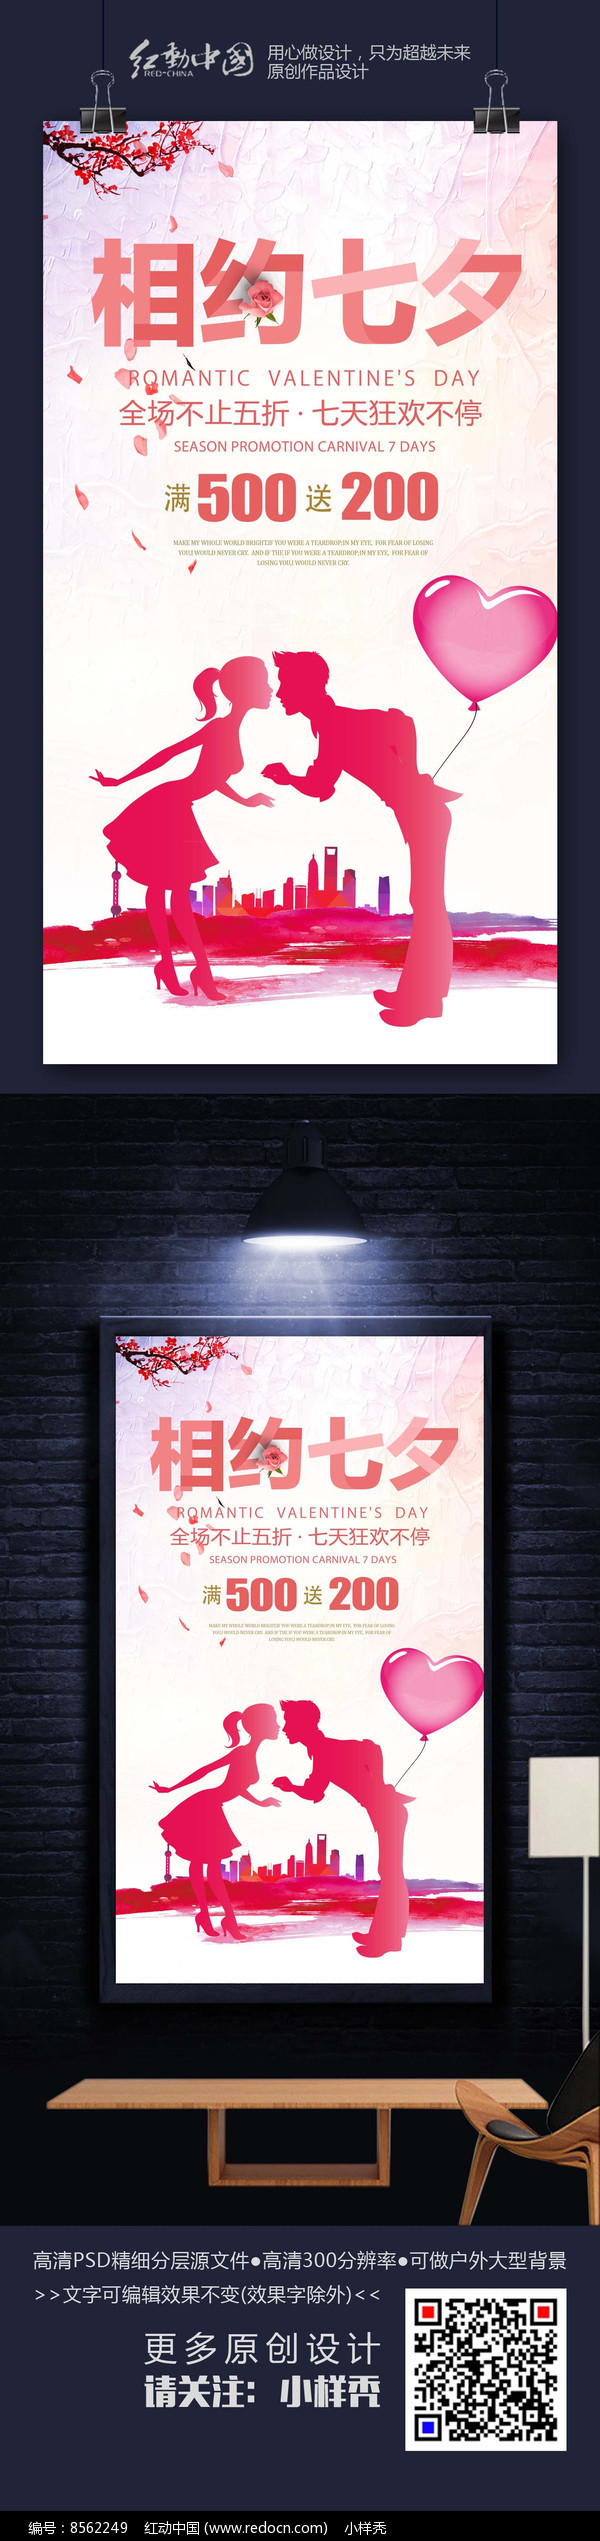 相约七夕精品最新创意节日海报图片